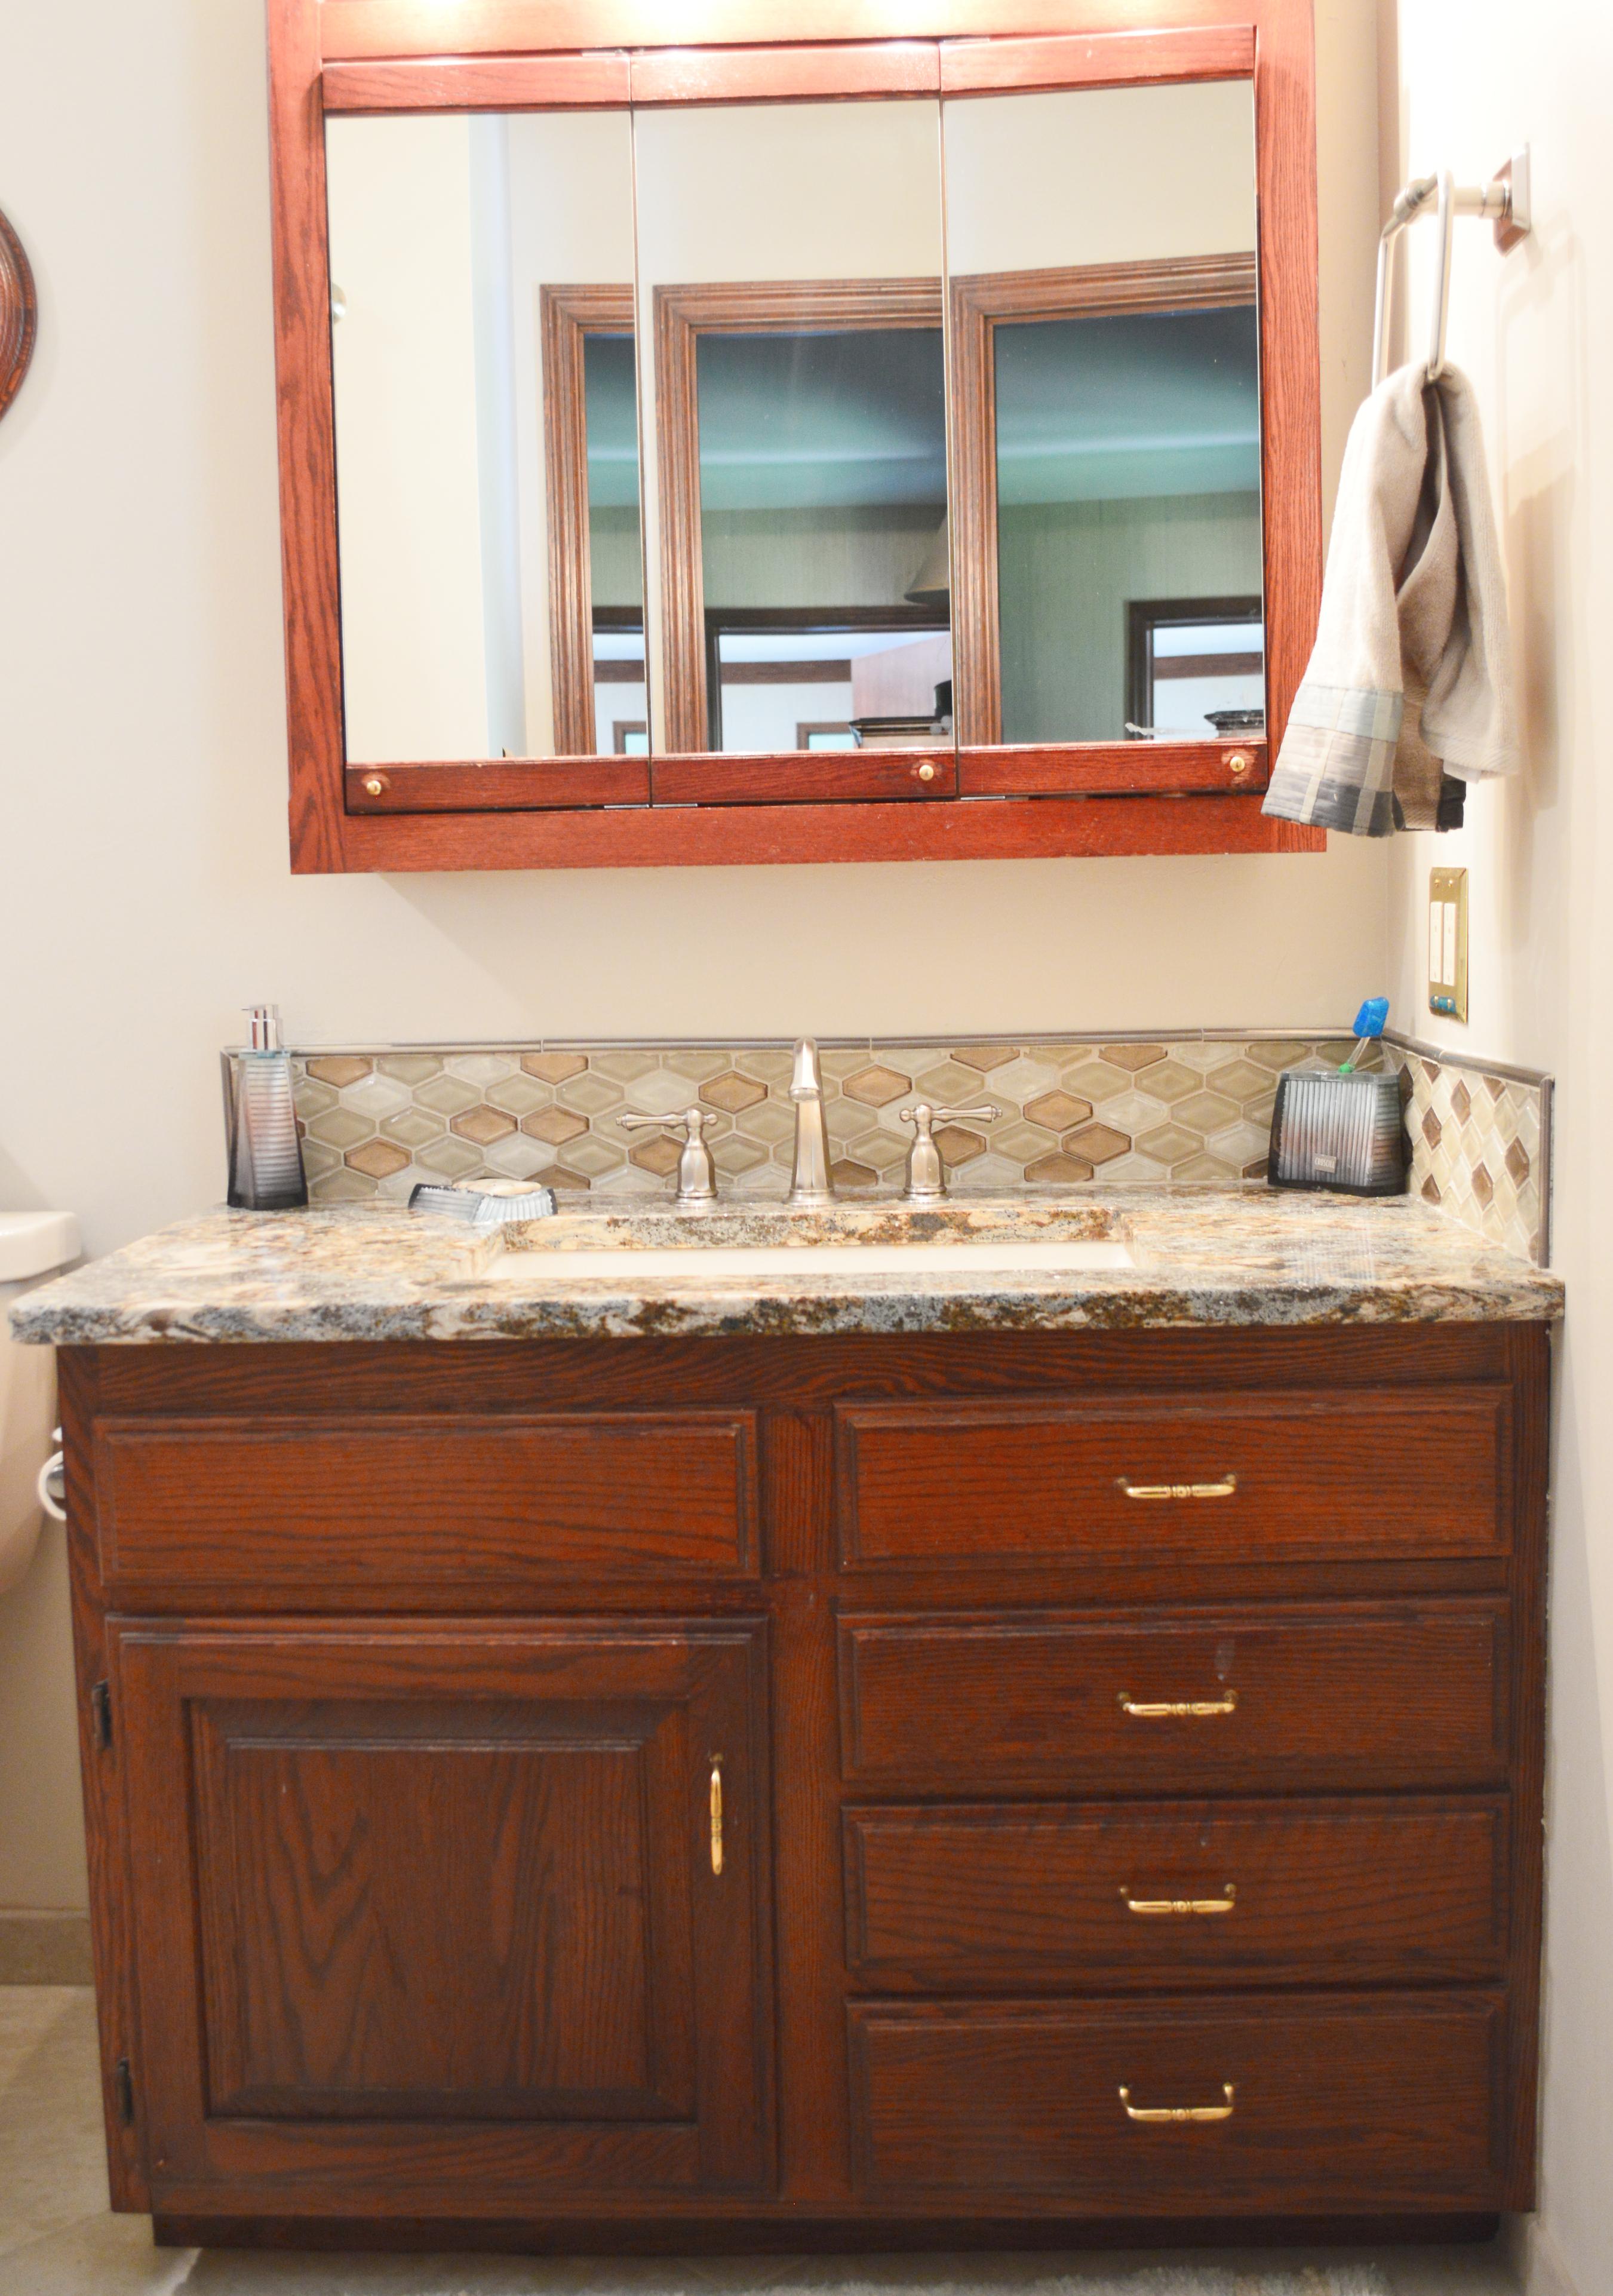 Exquisite Bathroom Remodel 8NP